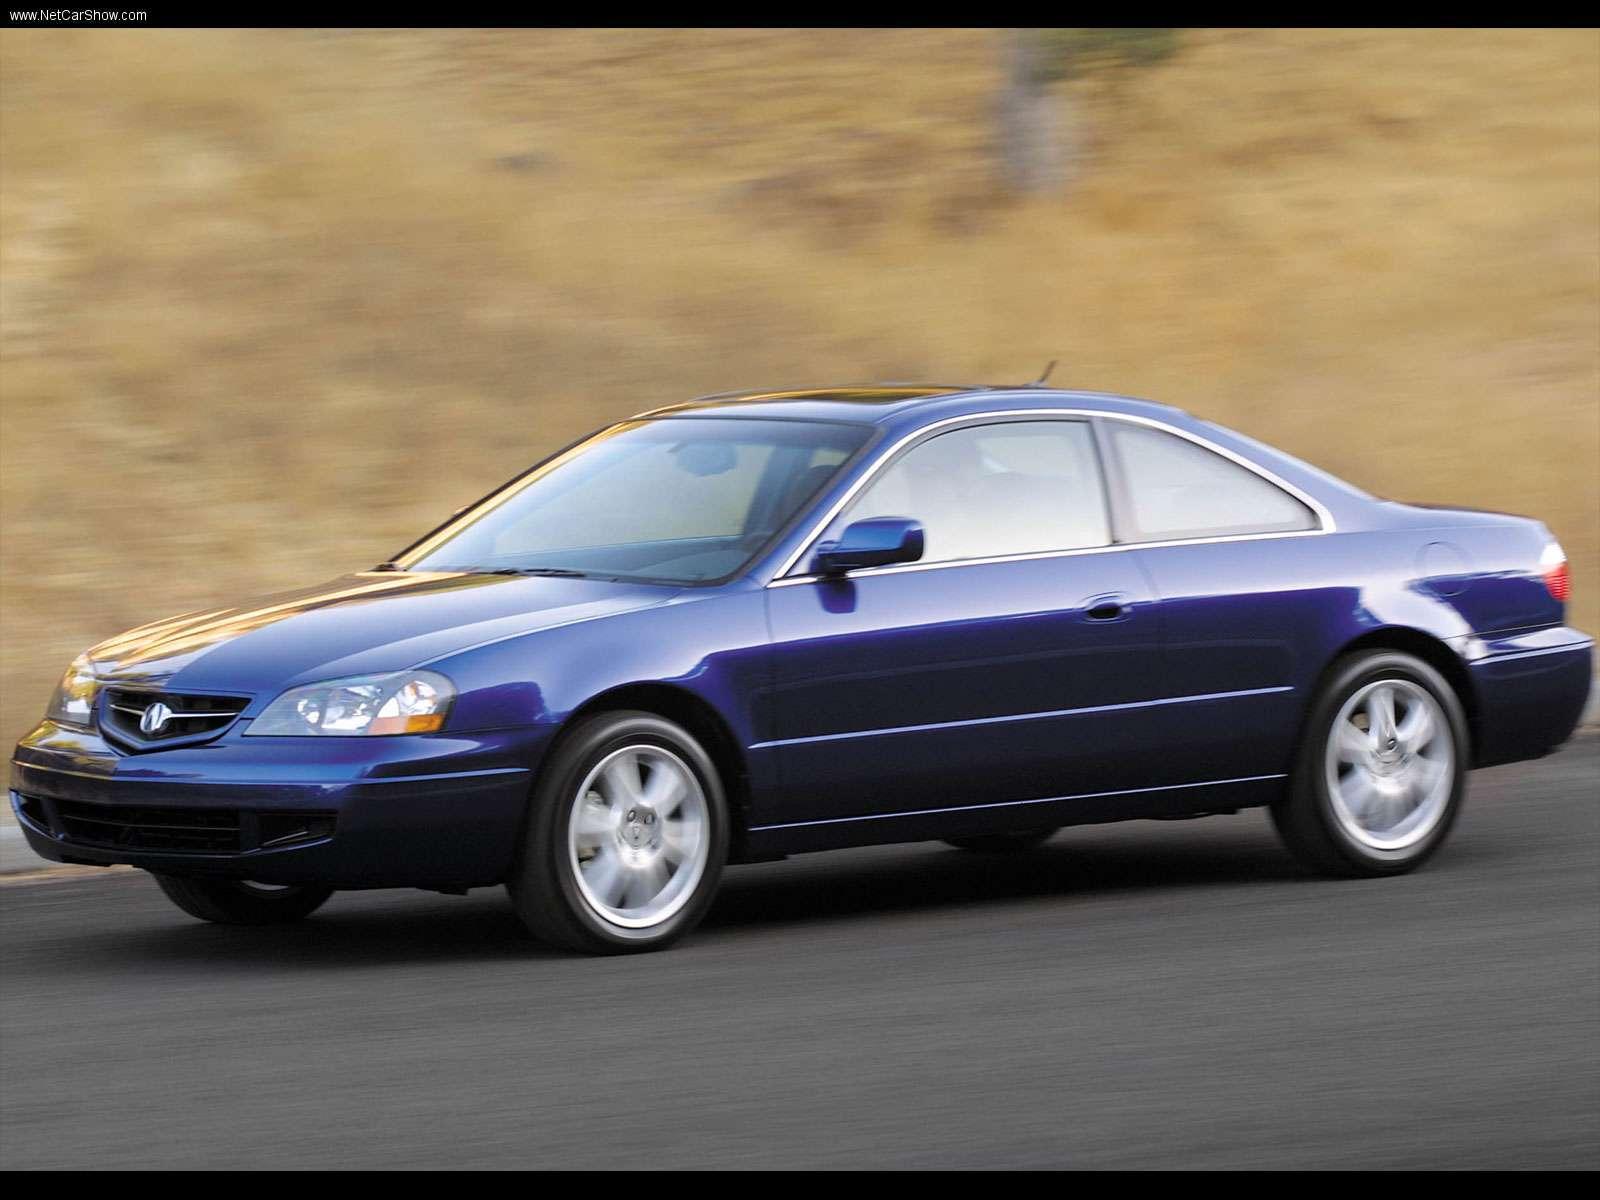 2003 Acura Cl Vins Configurations Msrp Specs Autodetective